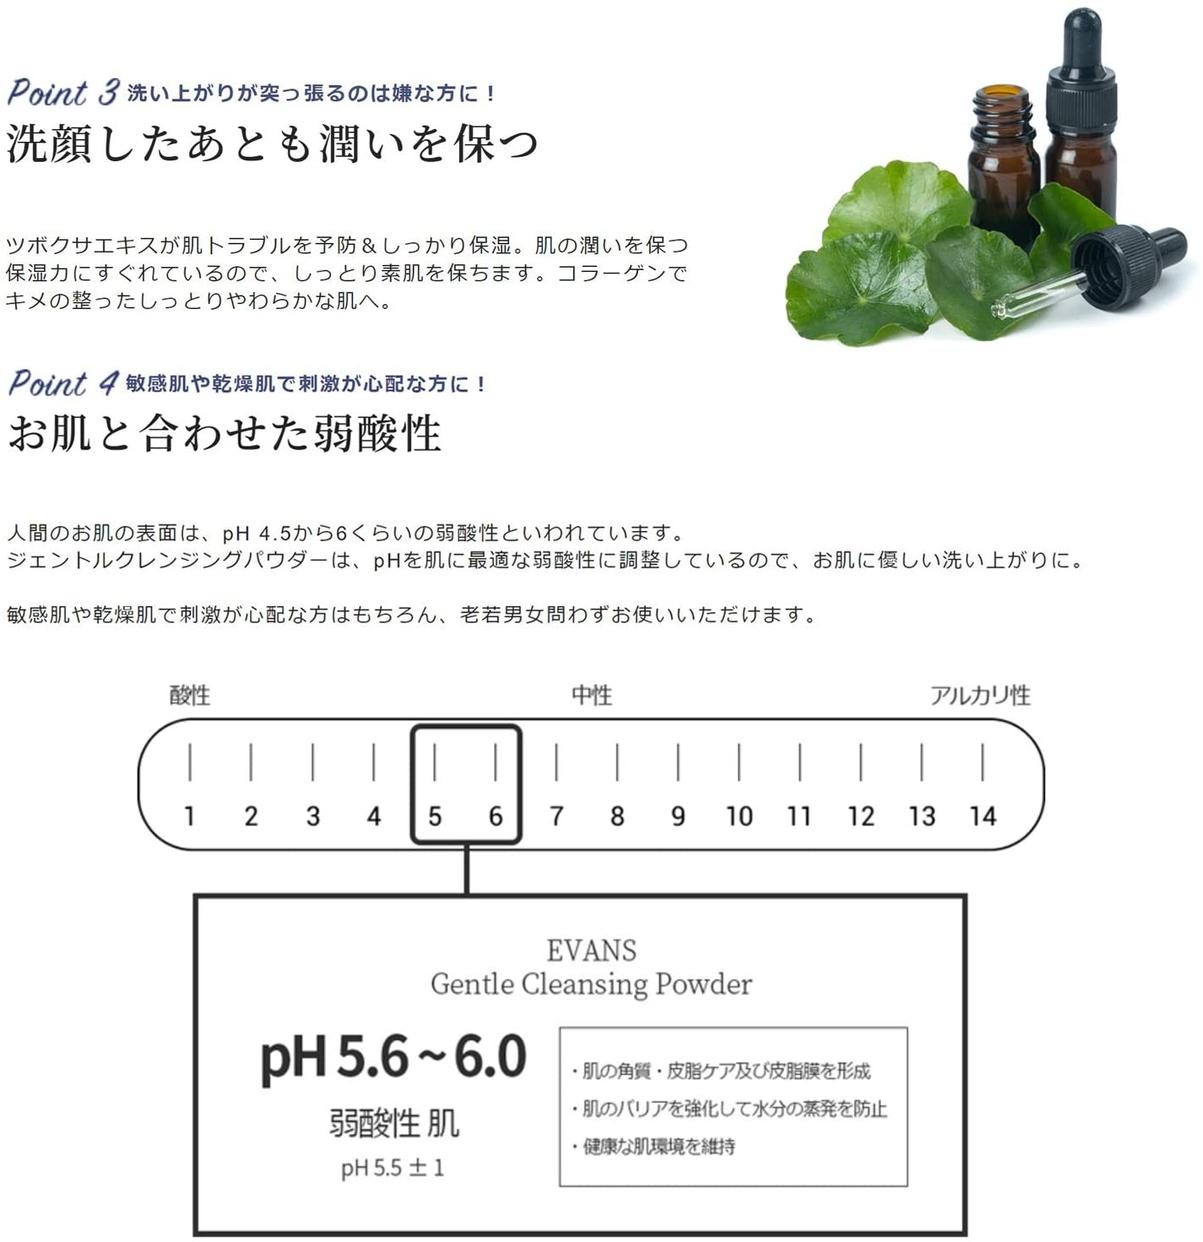 EVANS(エバンス) ジェントルクレンジングパウダーの商品画像5